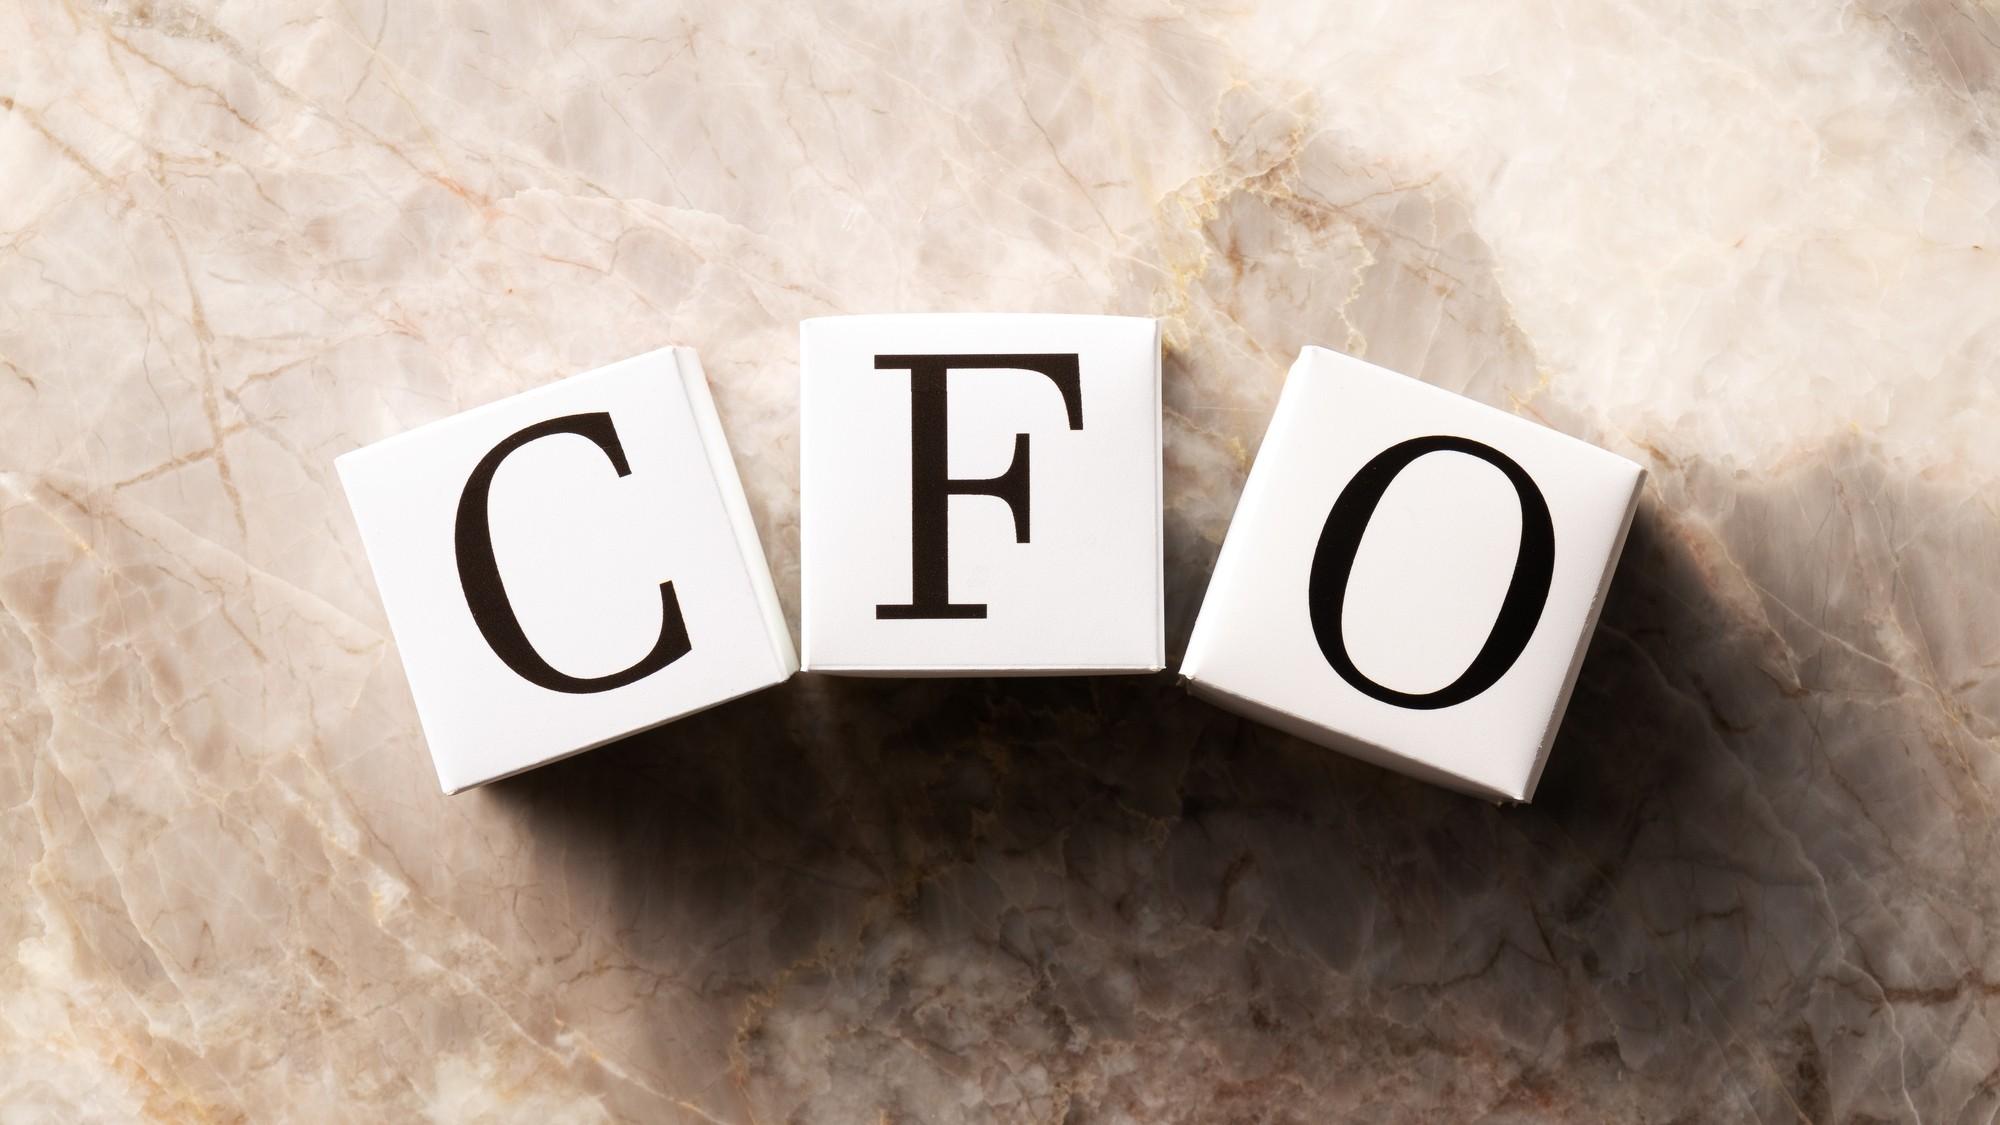 日本の中小企業にも「CFO」が絶対に必要である理由